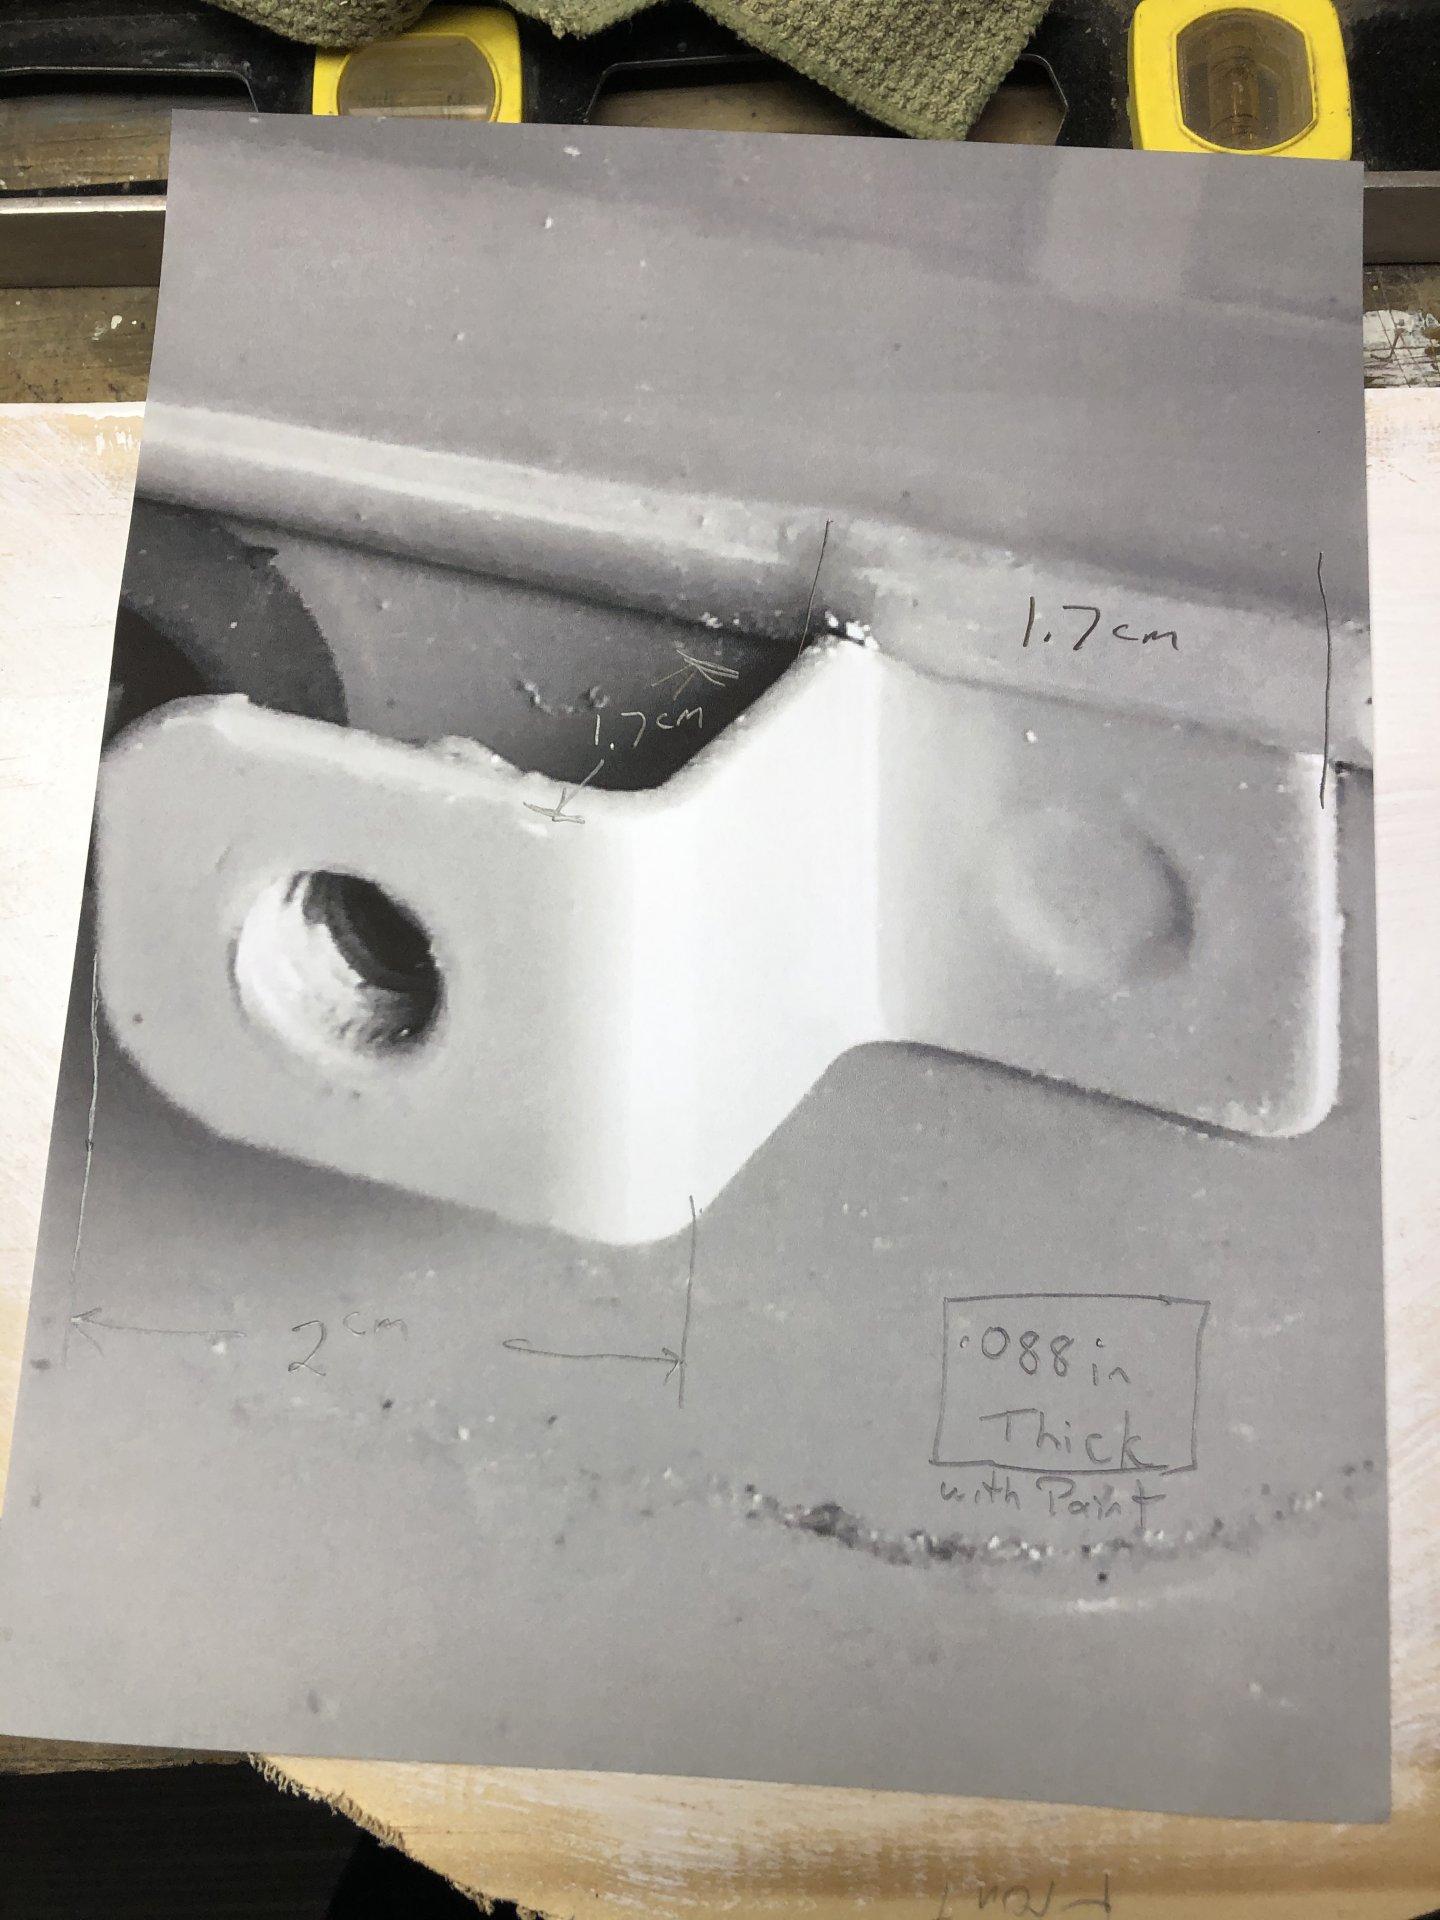 BAAC8580-B64A-4F08-8A0A-E590BED07566.jpeg